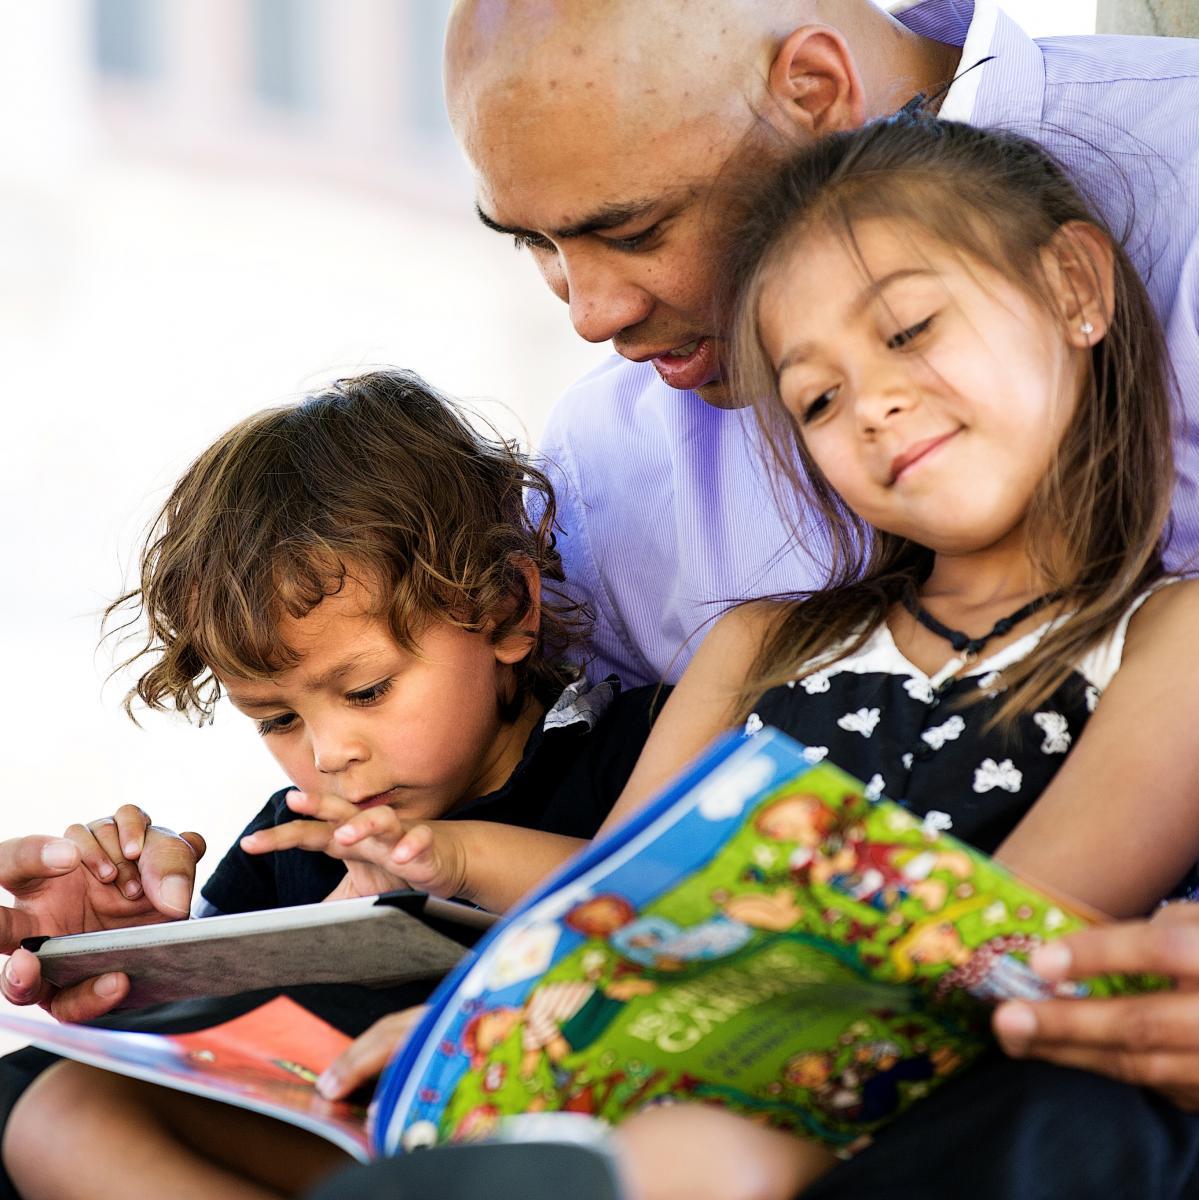 هر شب برای کودکتان کتاب بخوانید.